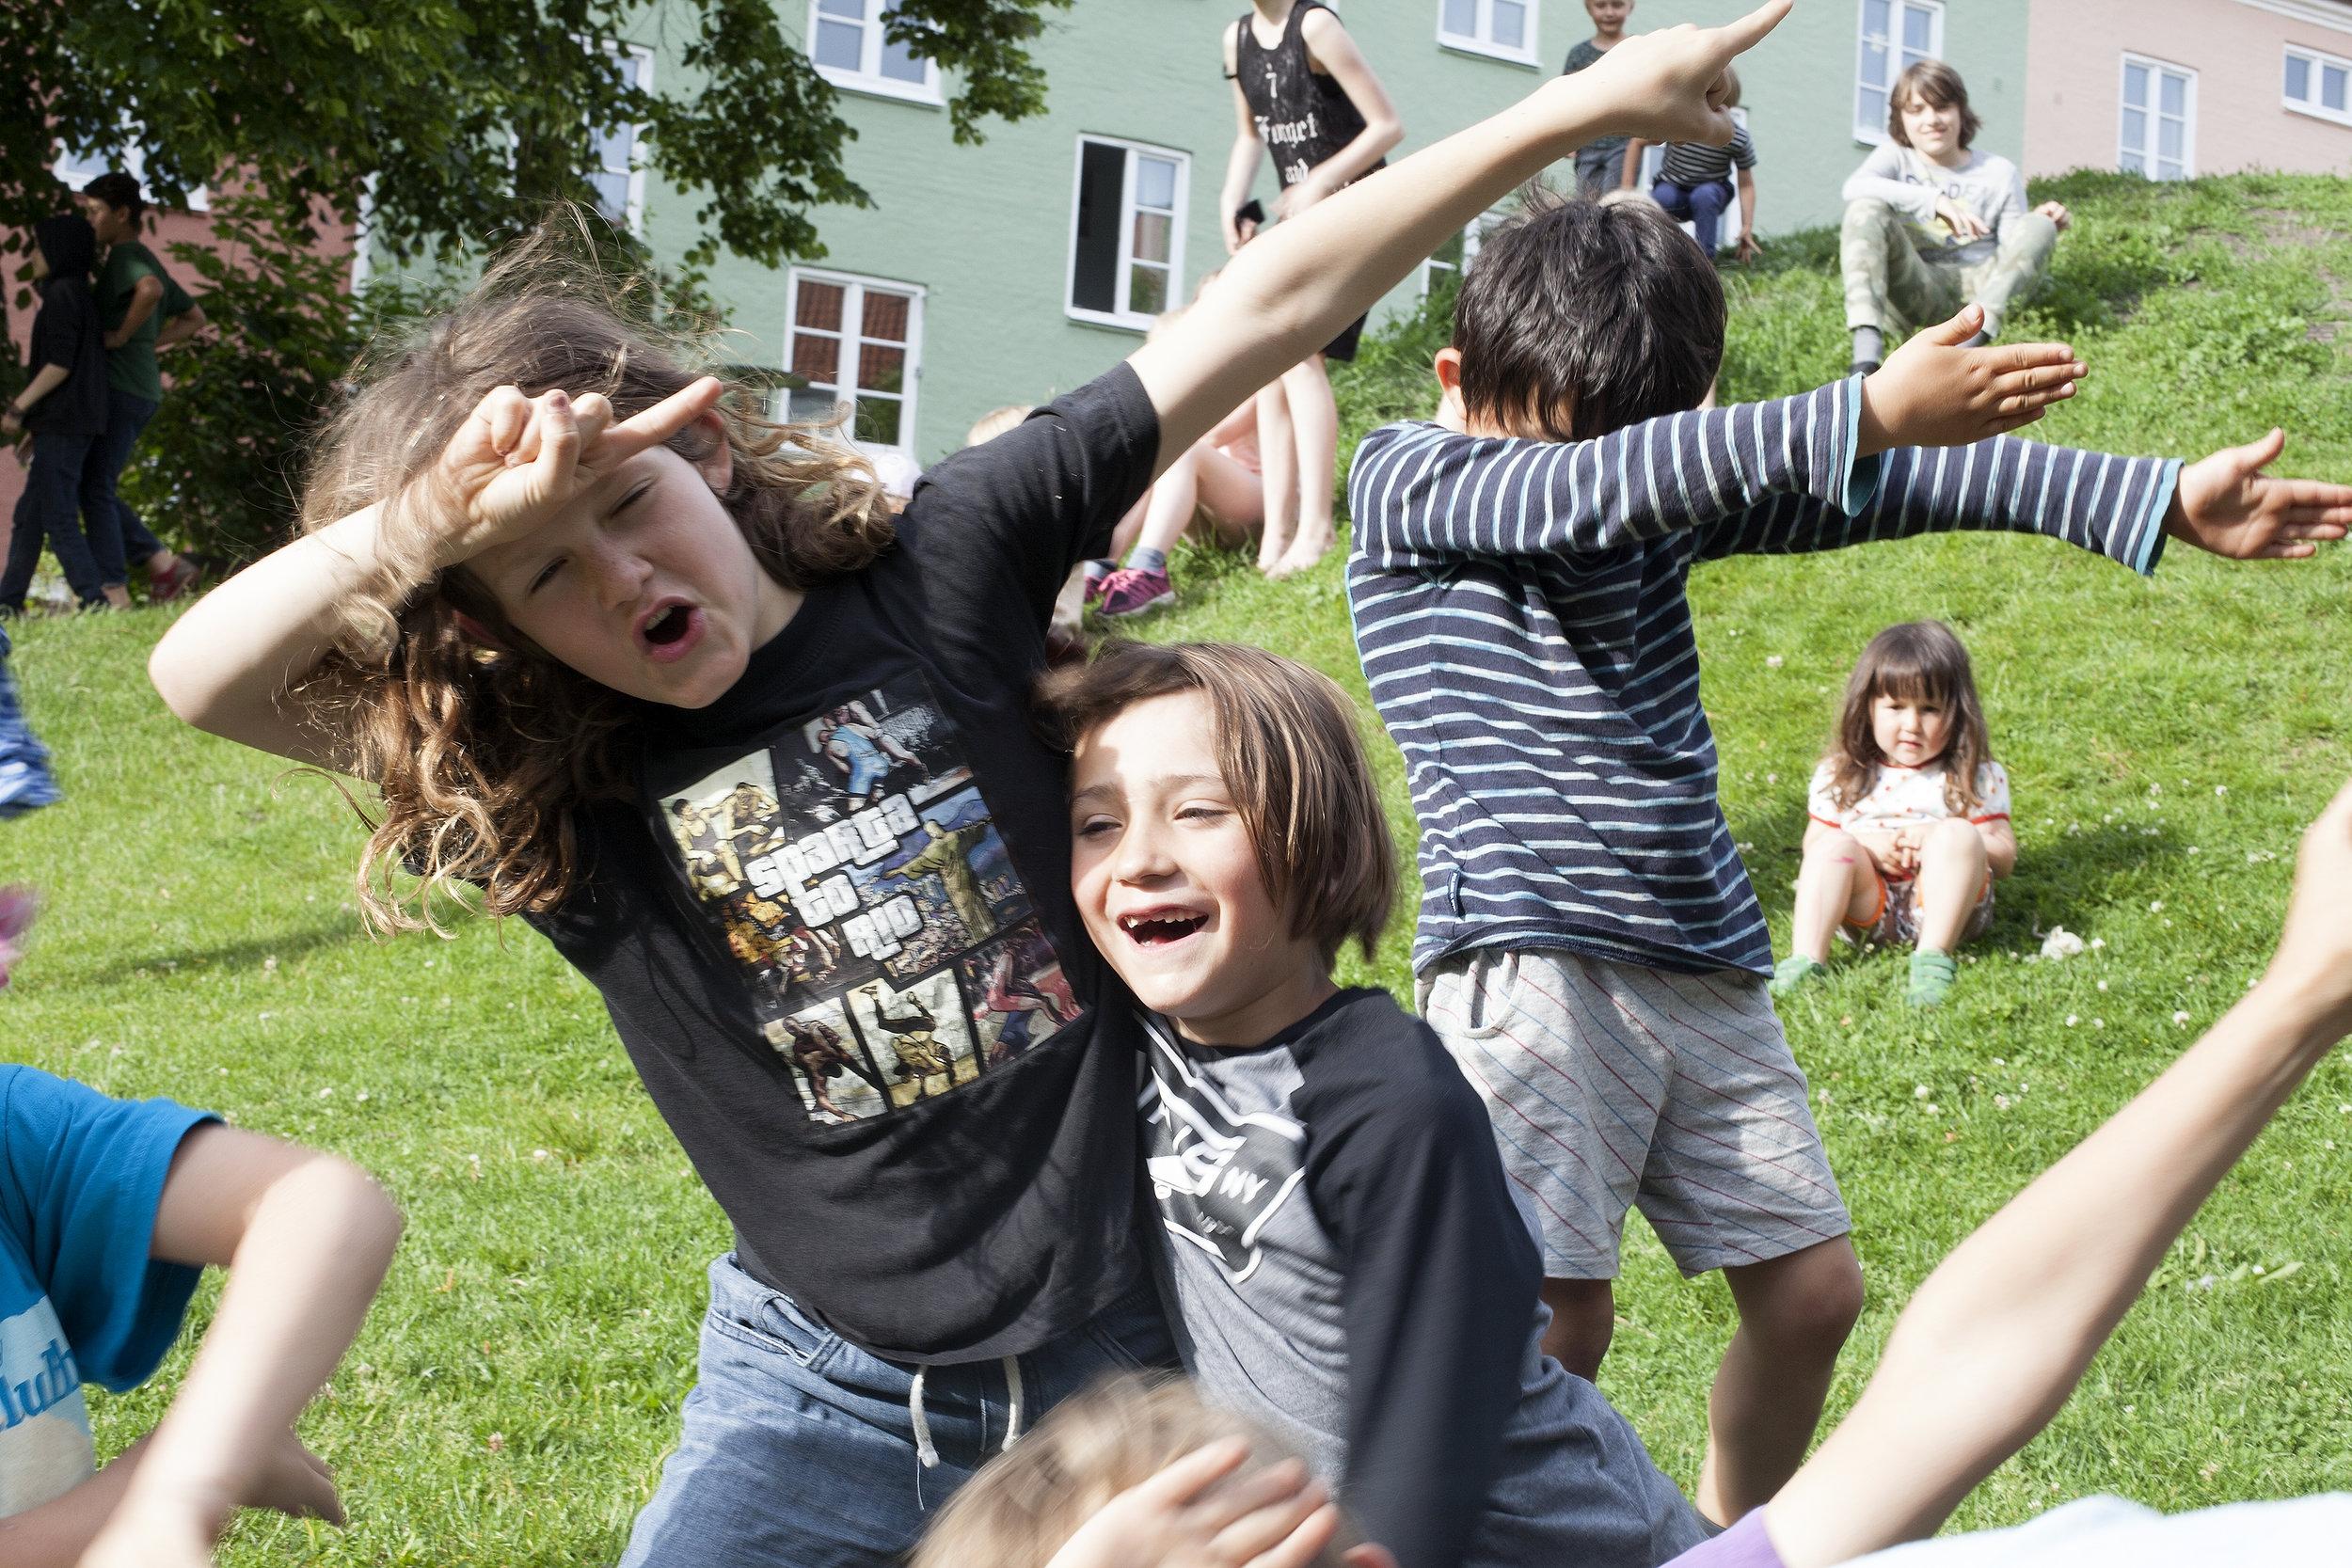 Barnen på gården, sommaren 2017. Fotograf: Simon Anstey